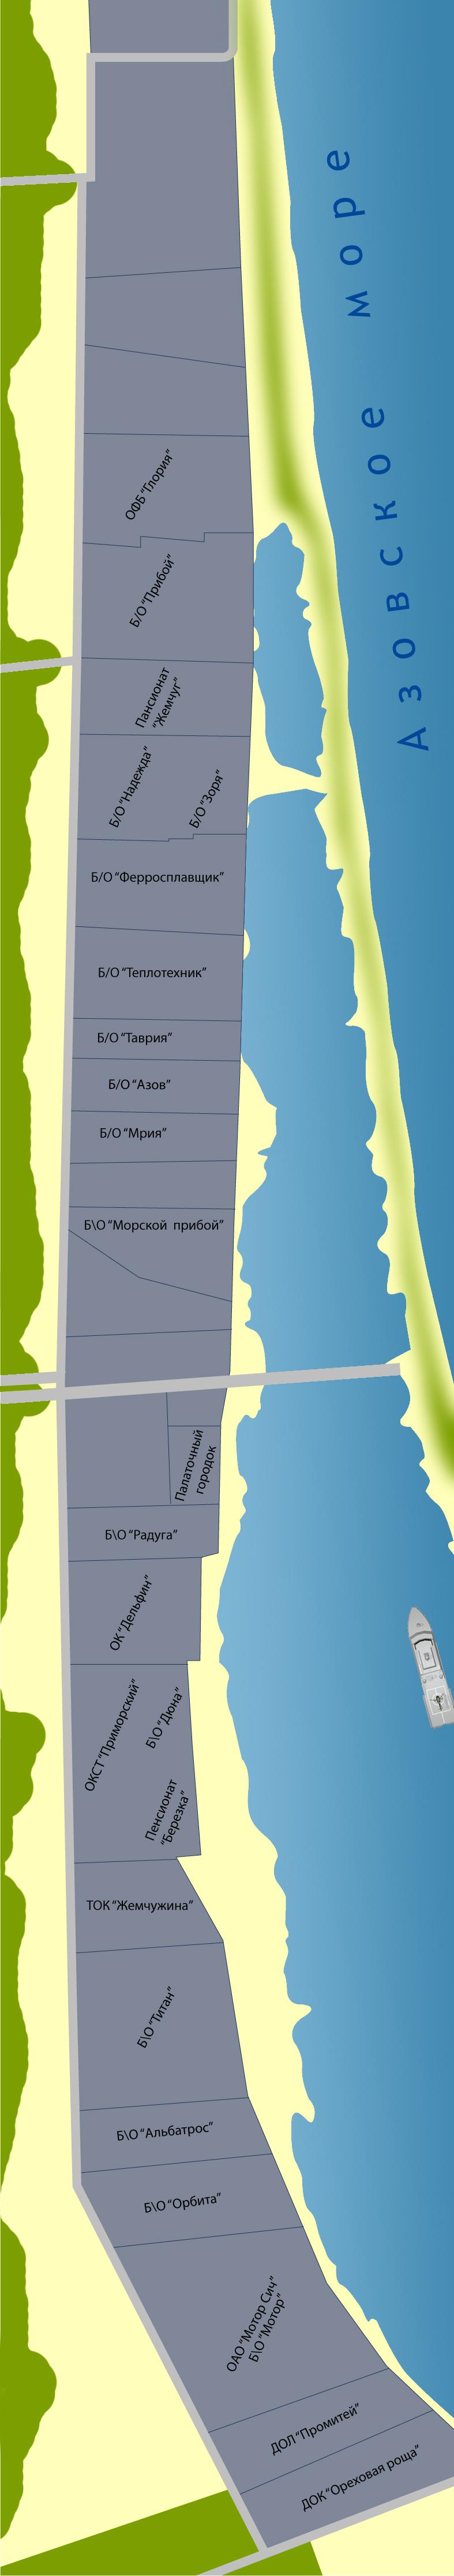 Карта Бердянска Подробная